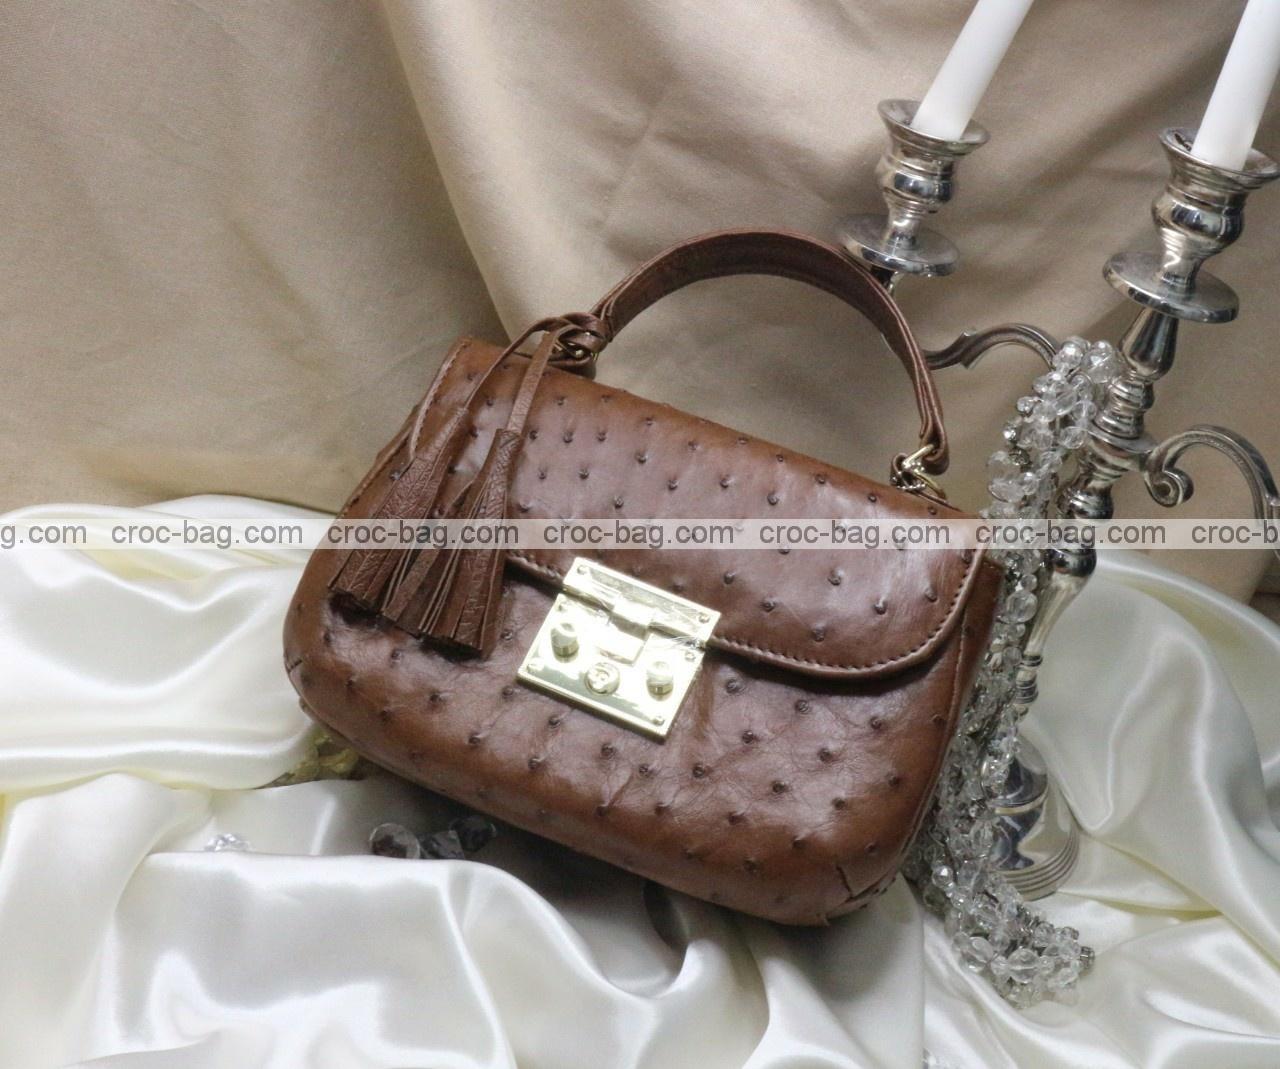 กระเป๋าหนังนกกระจอกเทศหรับผู้หญิง 5294